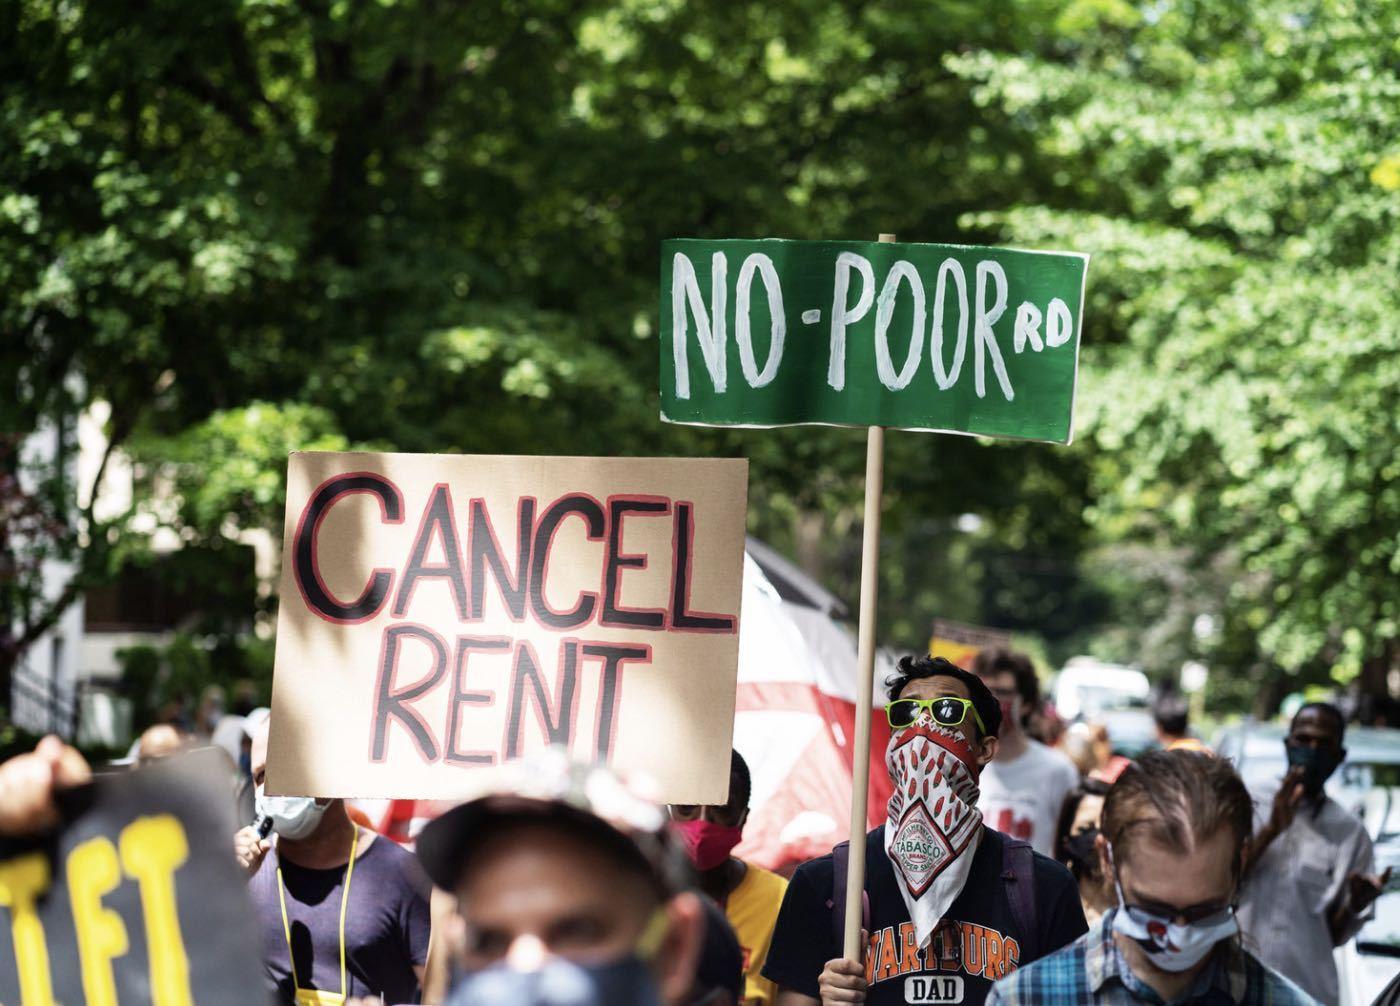 疫情之下46%的美国家庭面临财务问题